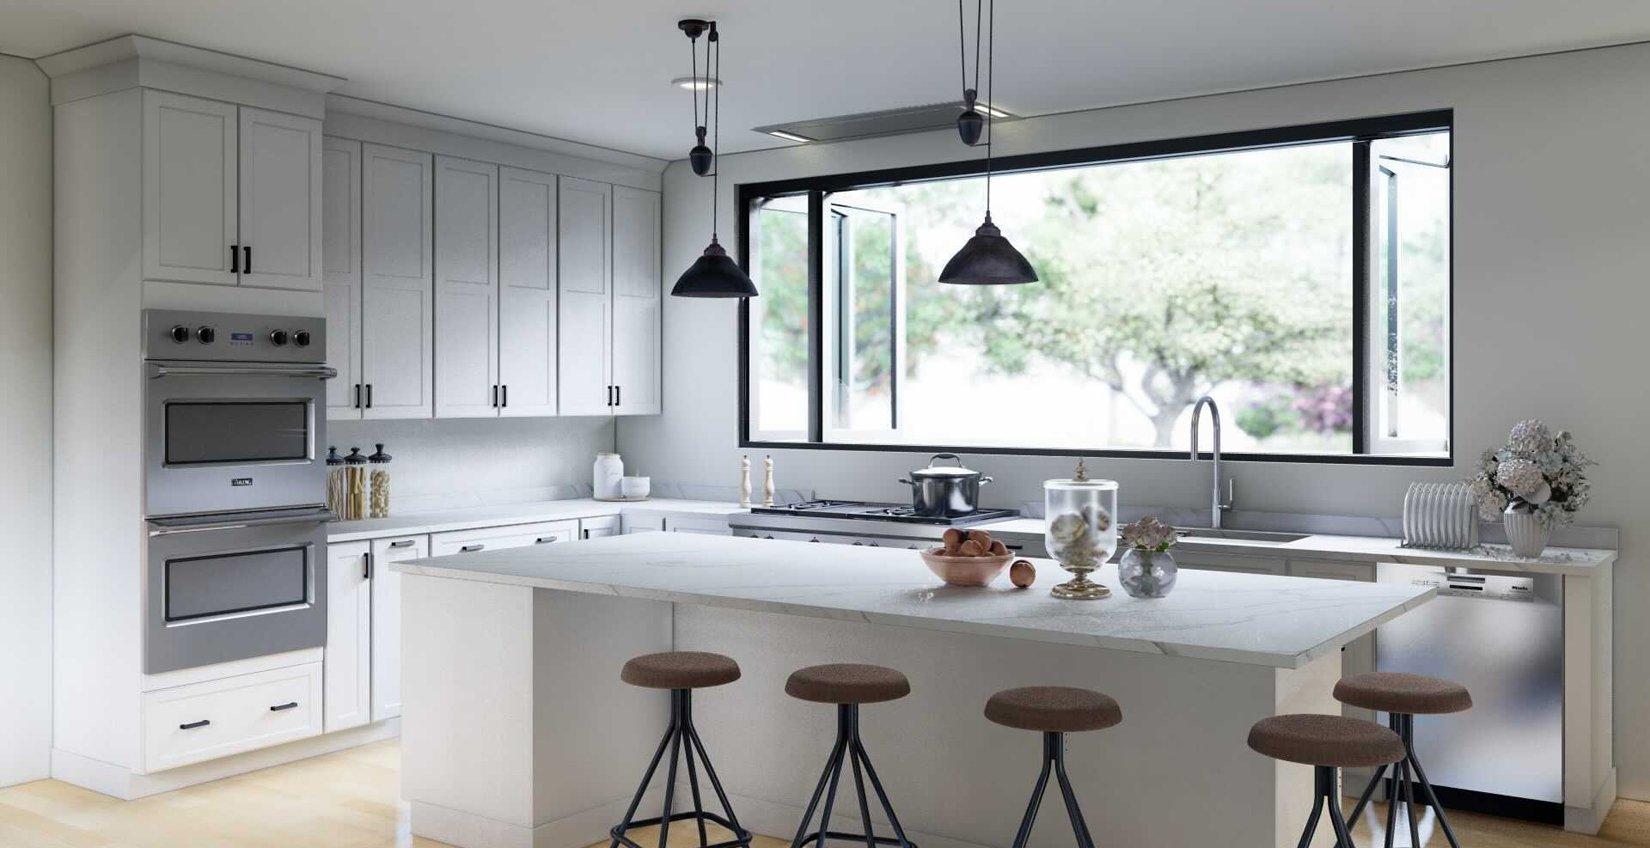 m-kitchen-render 1650x848